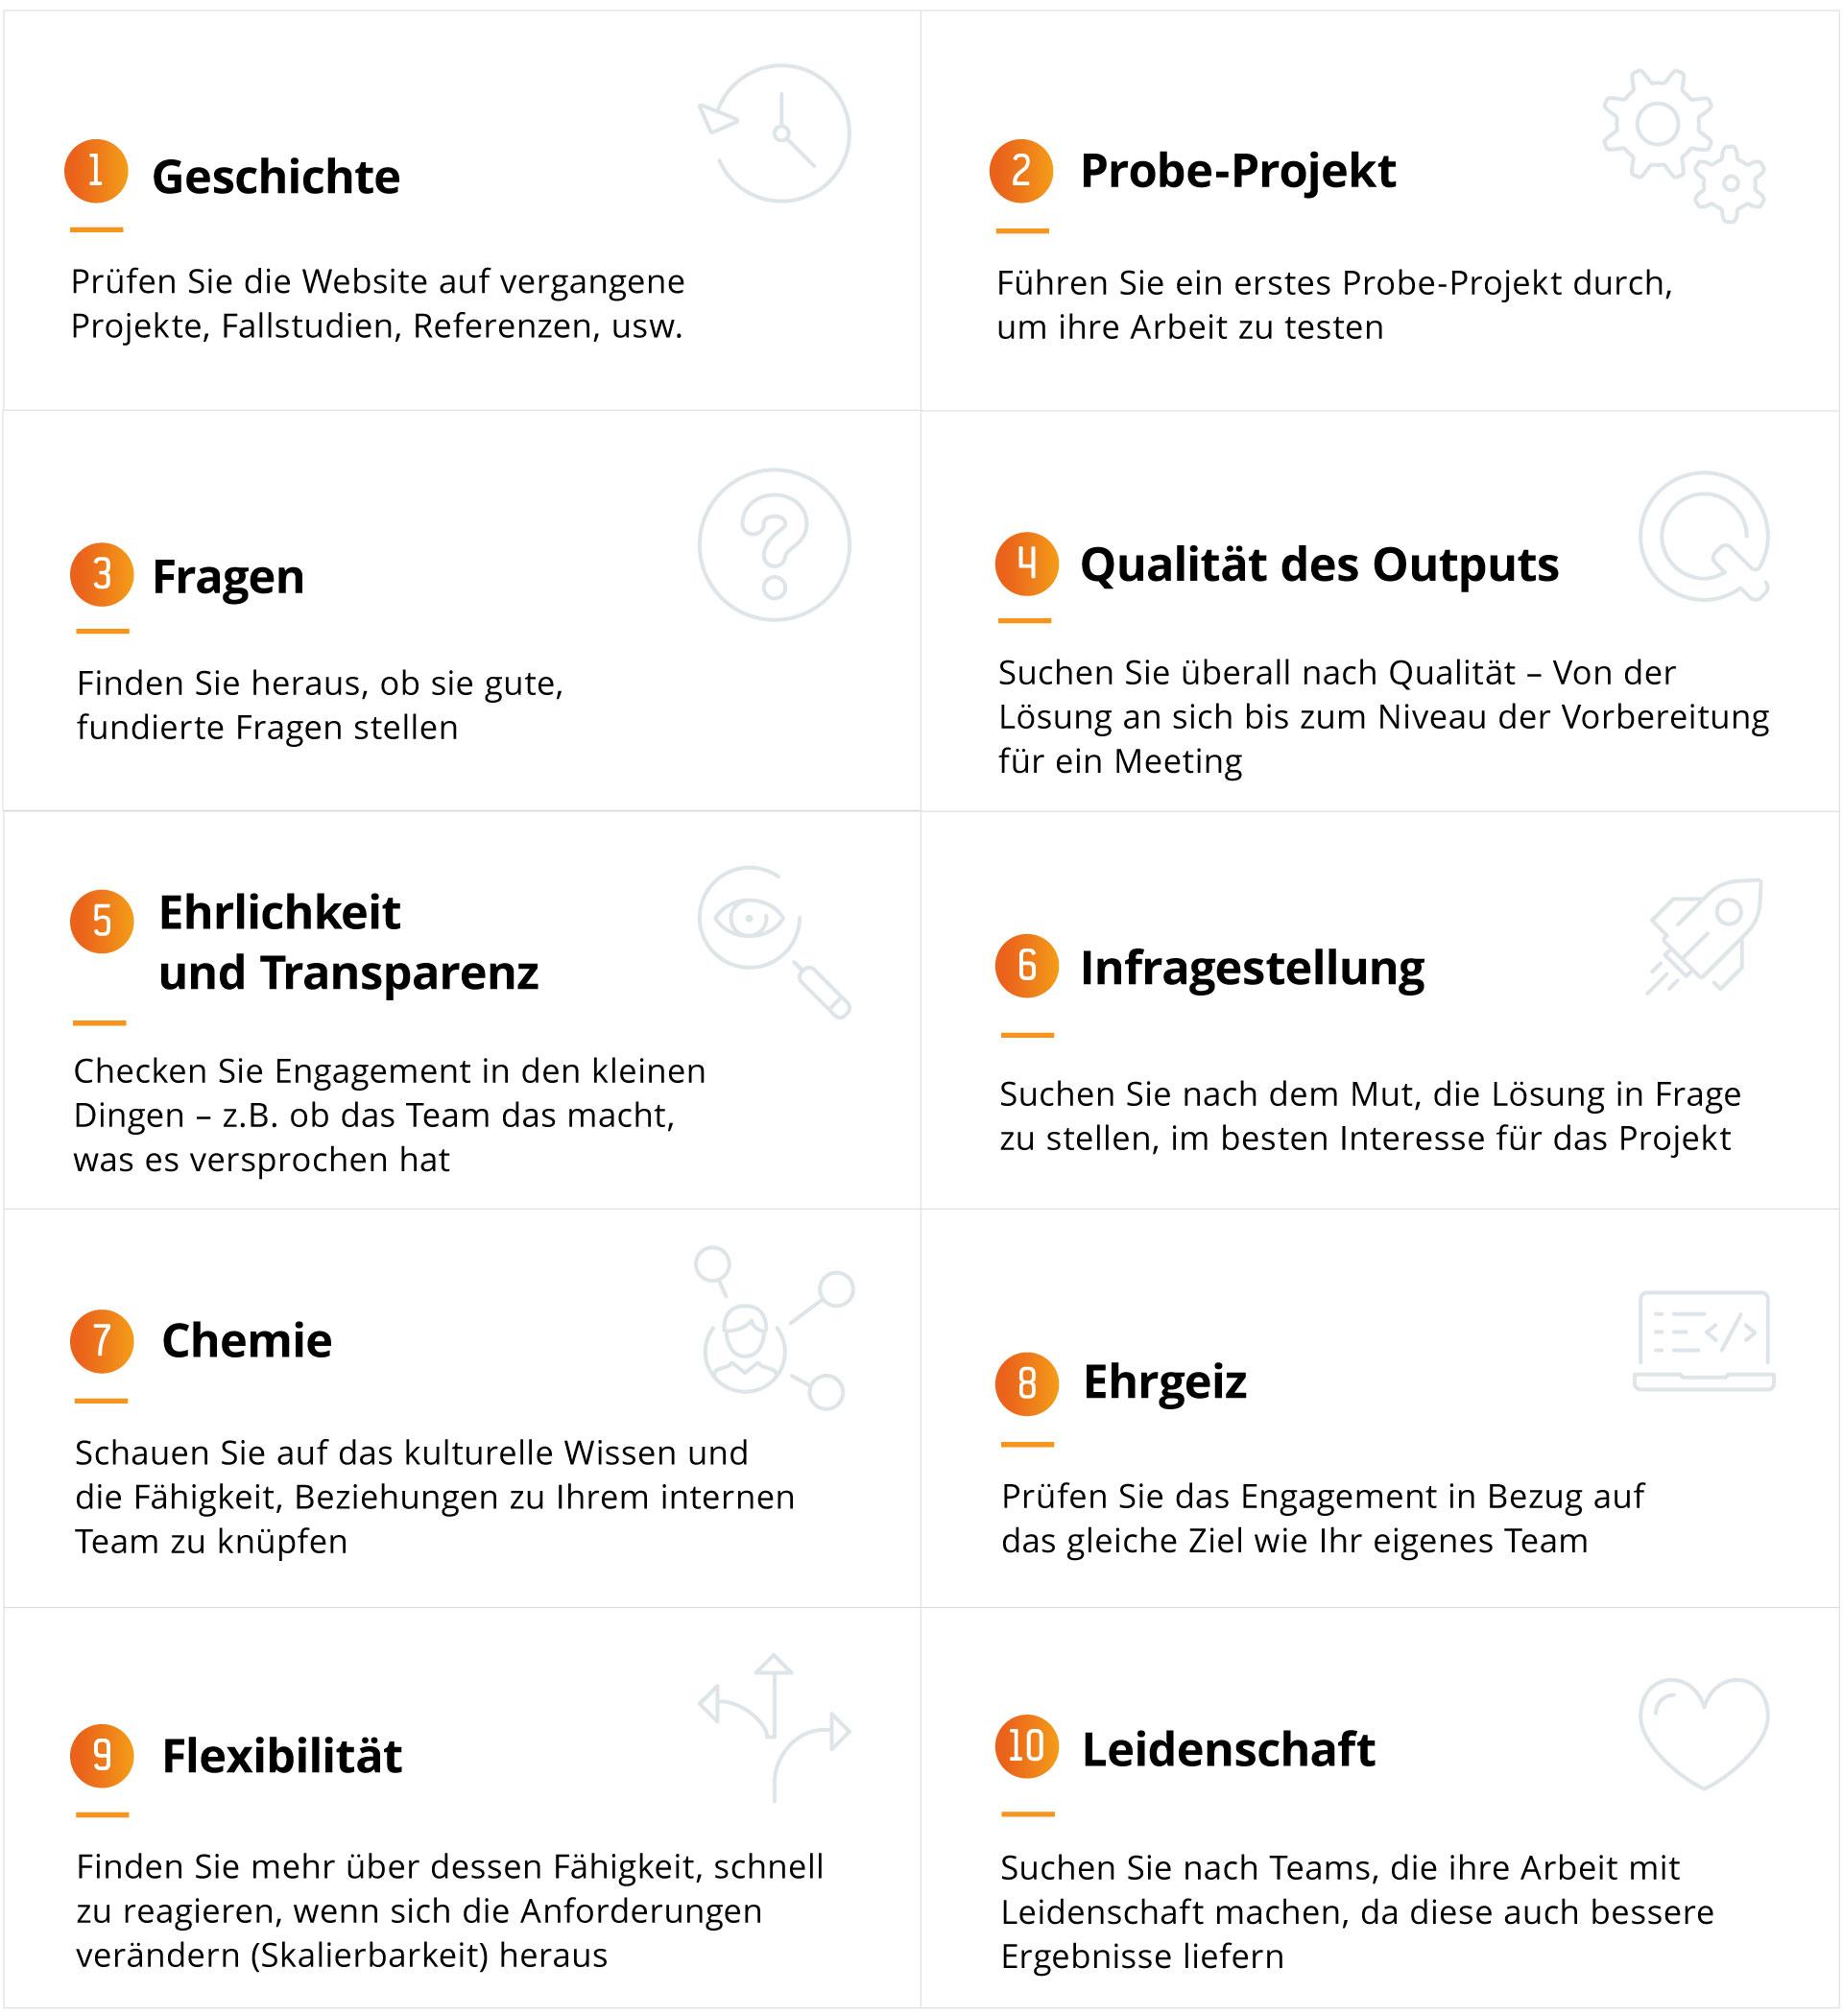 10 Anzeichen dafür, dass sich Ihr Technologie-Partner im Projekt engagiert